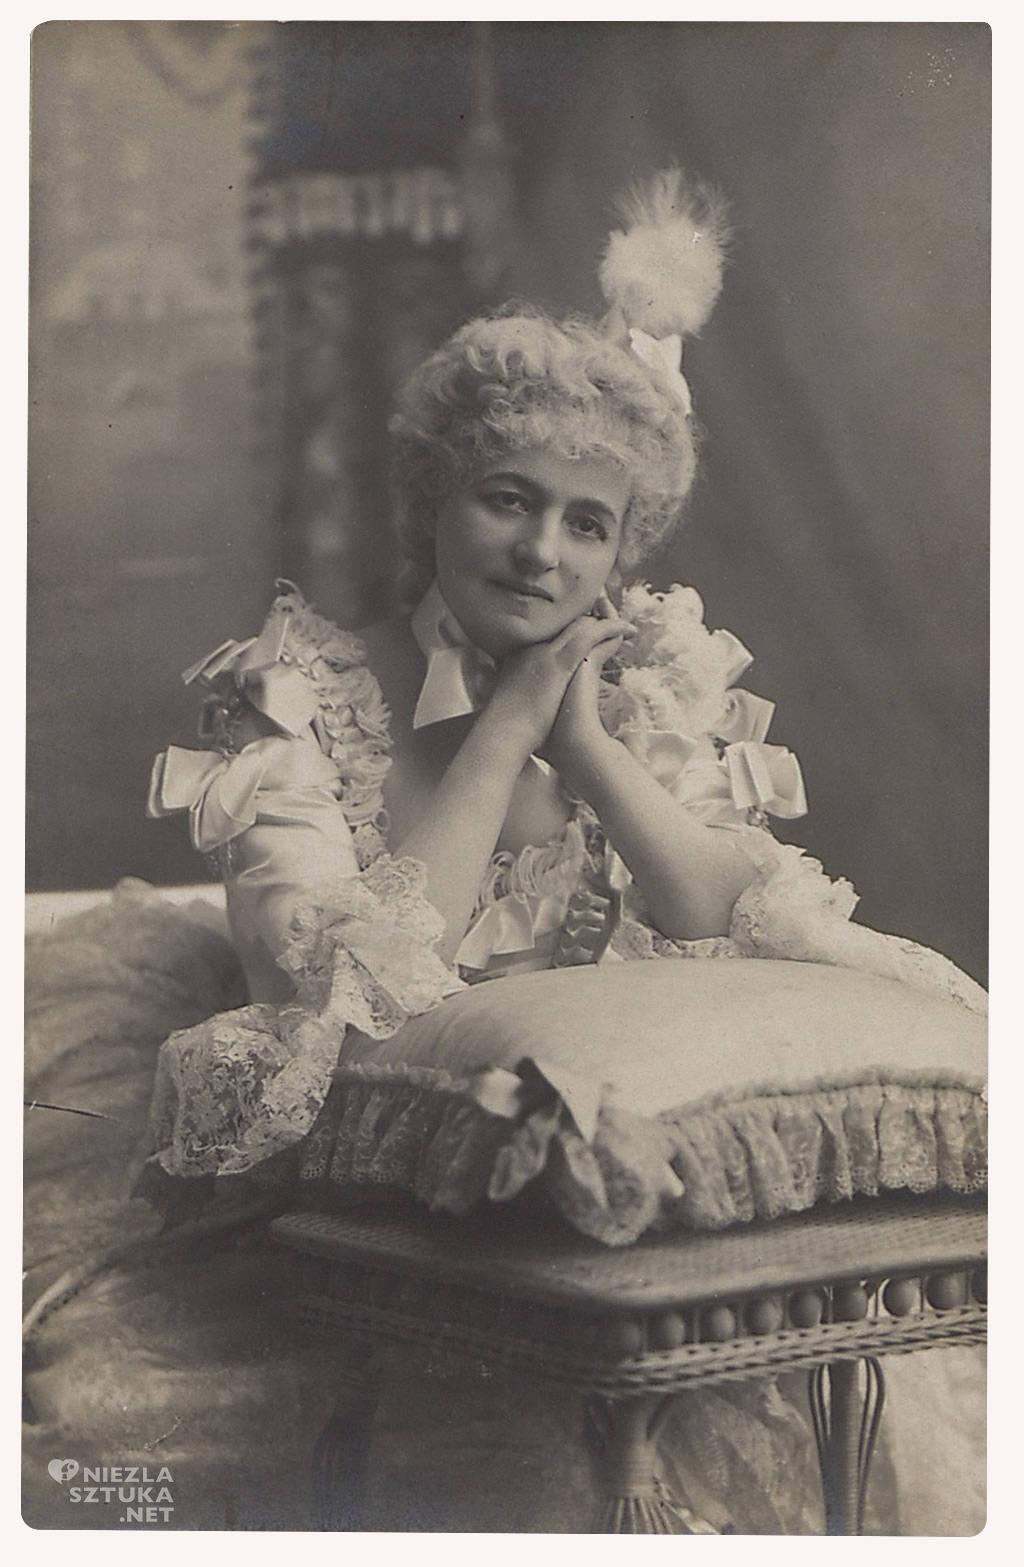 Helena Modrzejewska w kreacji scenicznej podczas pobytu w Chicago, 1897, fot. polona